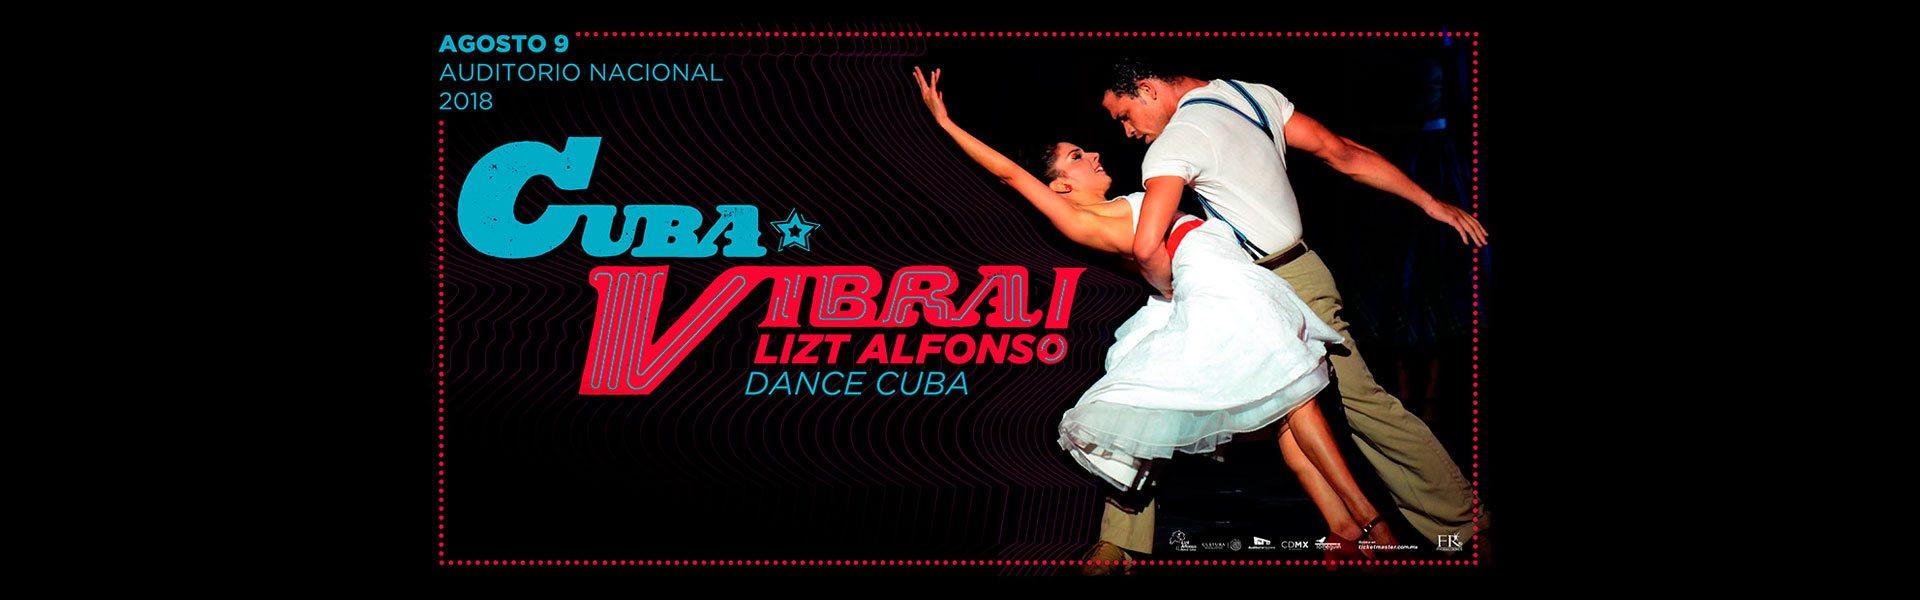 Cuba Vibra Auditorio Nacional de Mexico 2018